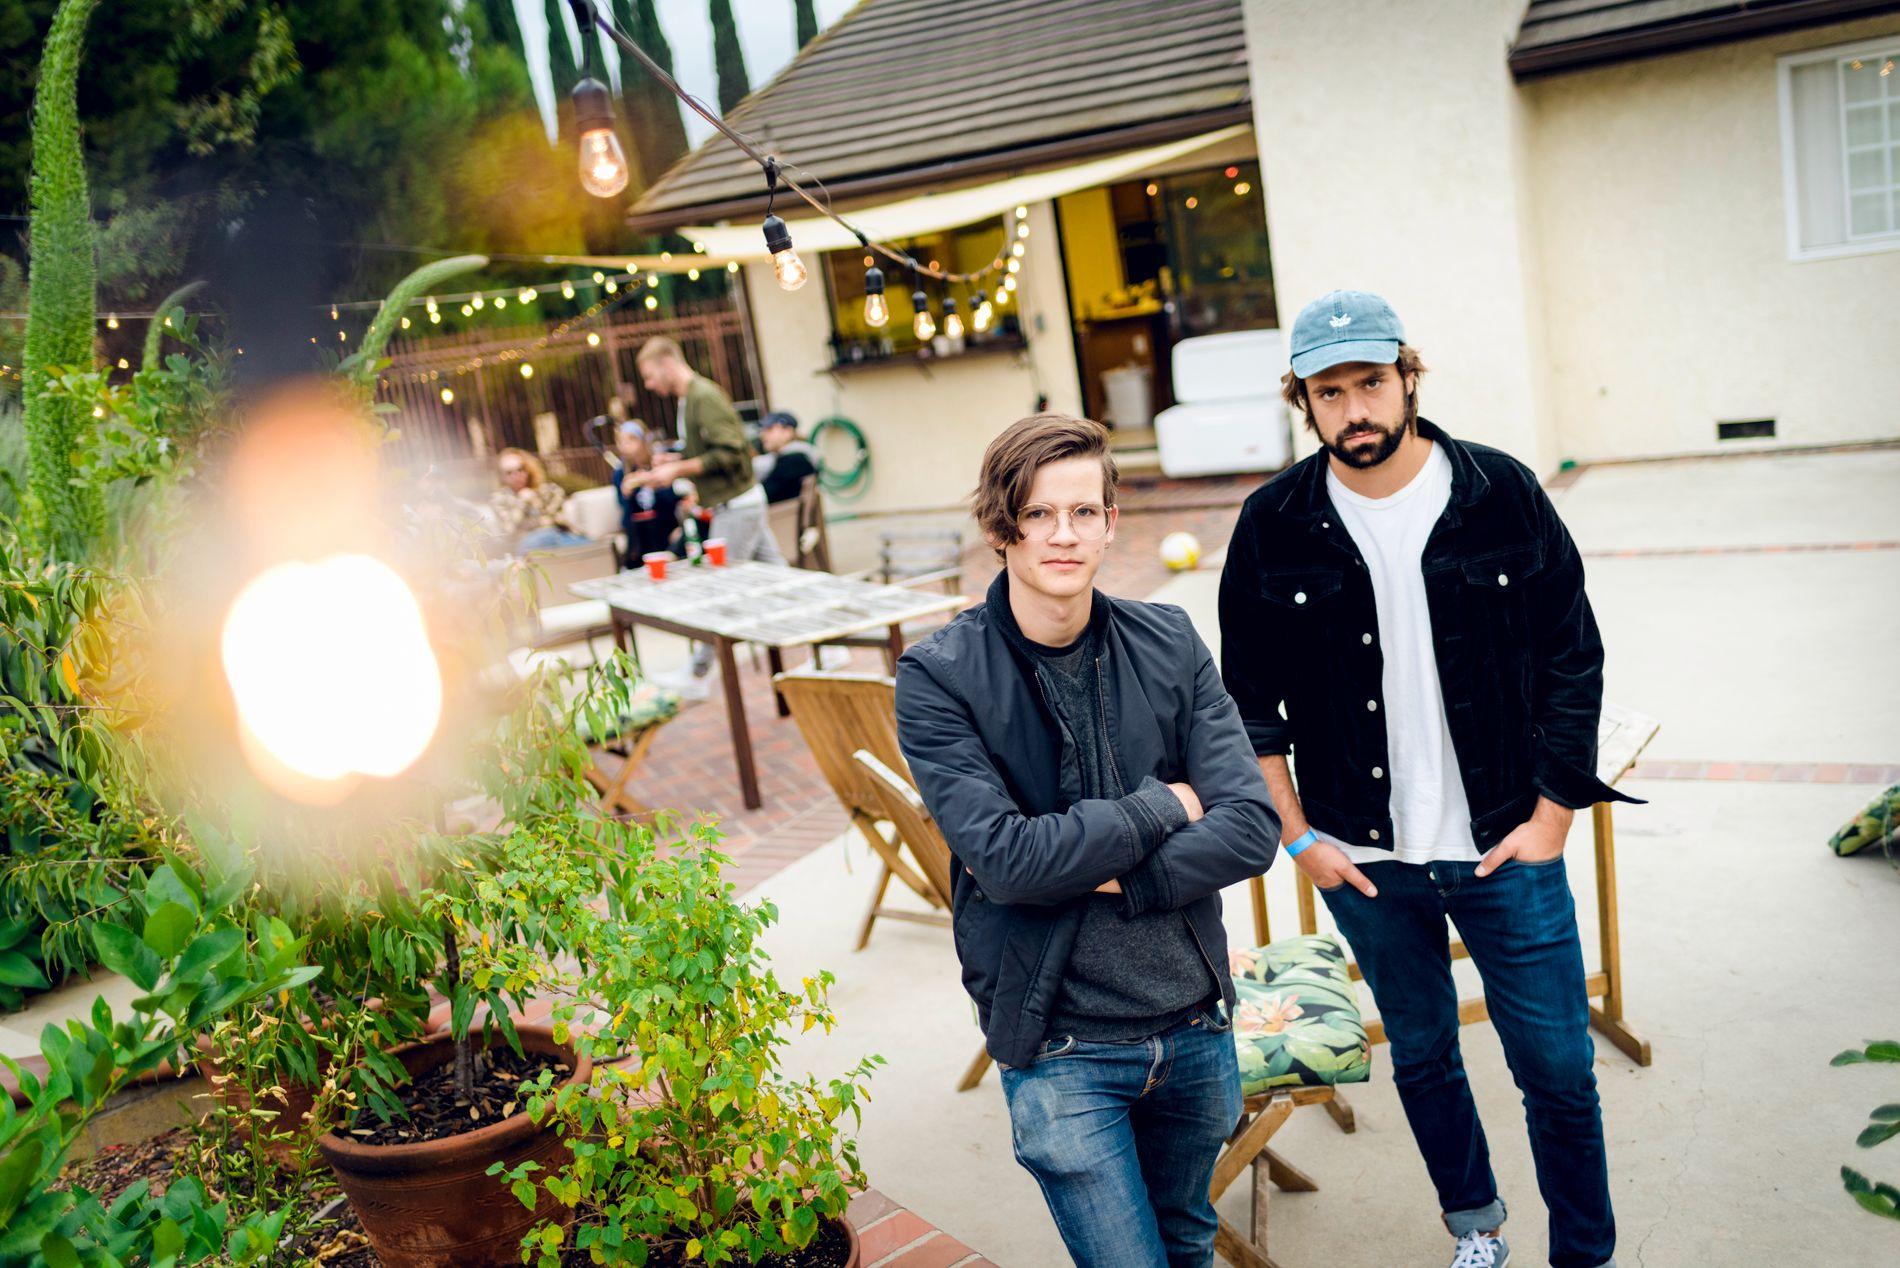 SATSET: Det norske elekronikabandet Lemaitre flyttet til Los Angeles etter debutalbumet og har siden gjort suksess i USA. Fra venstre: Ketil Jansen og Ulrik Denizou Lund.